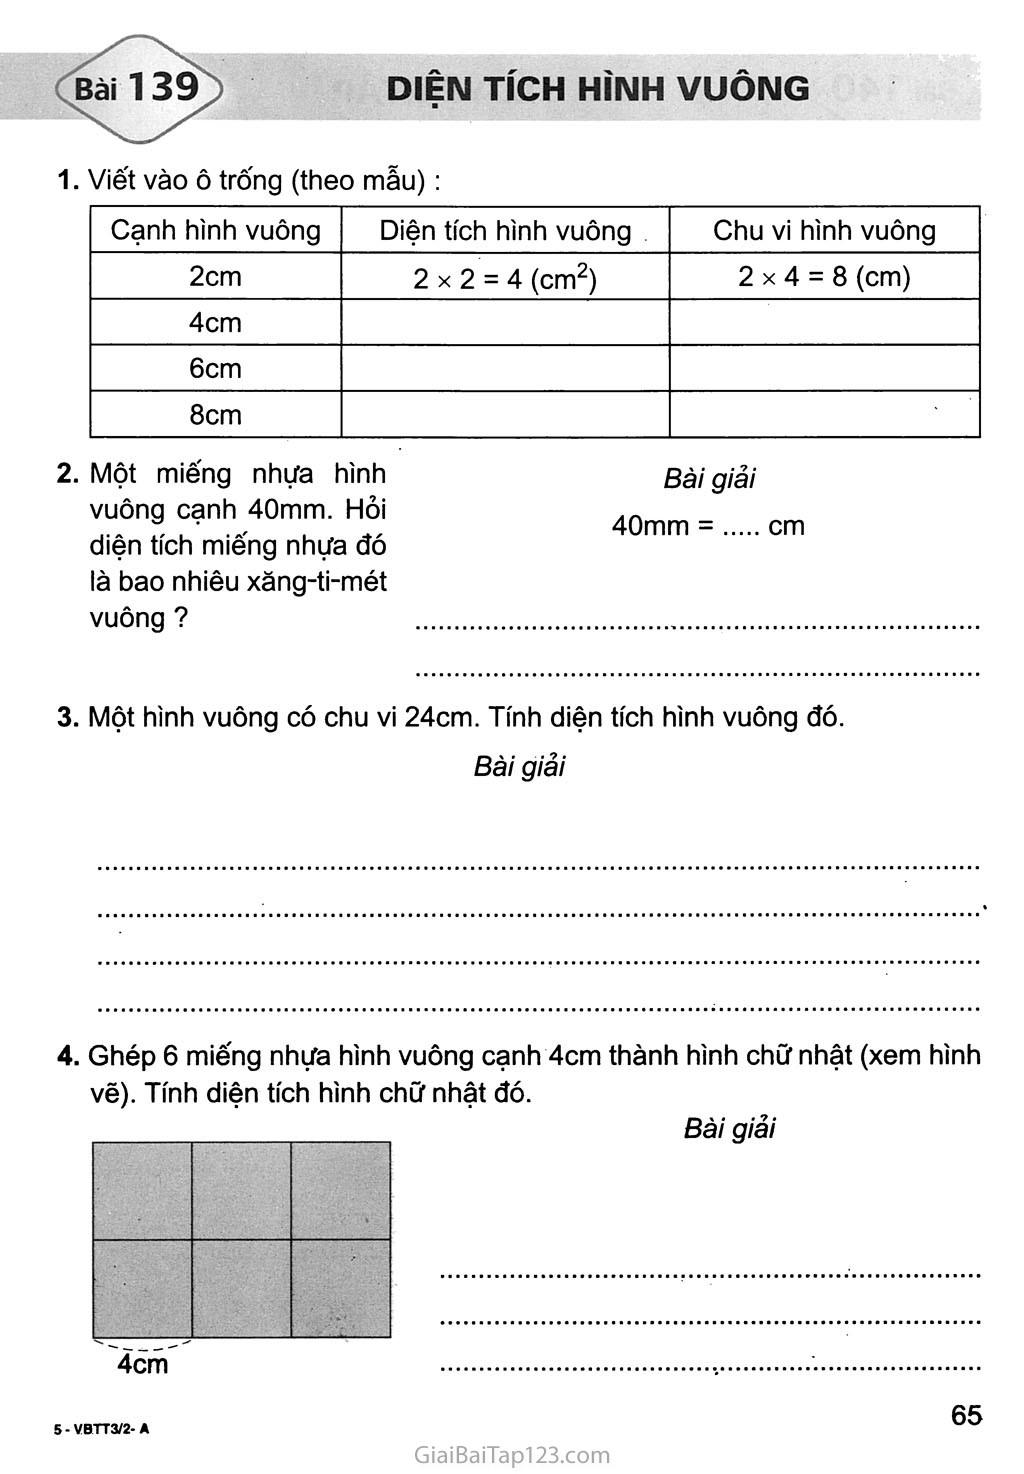 Bài 139: Diện tích hình vuông trang 1